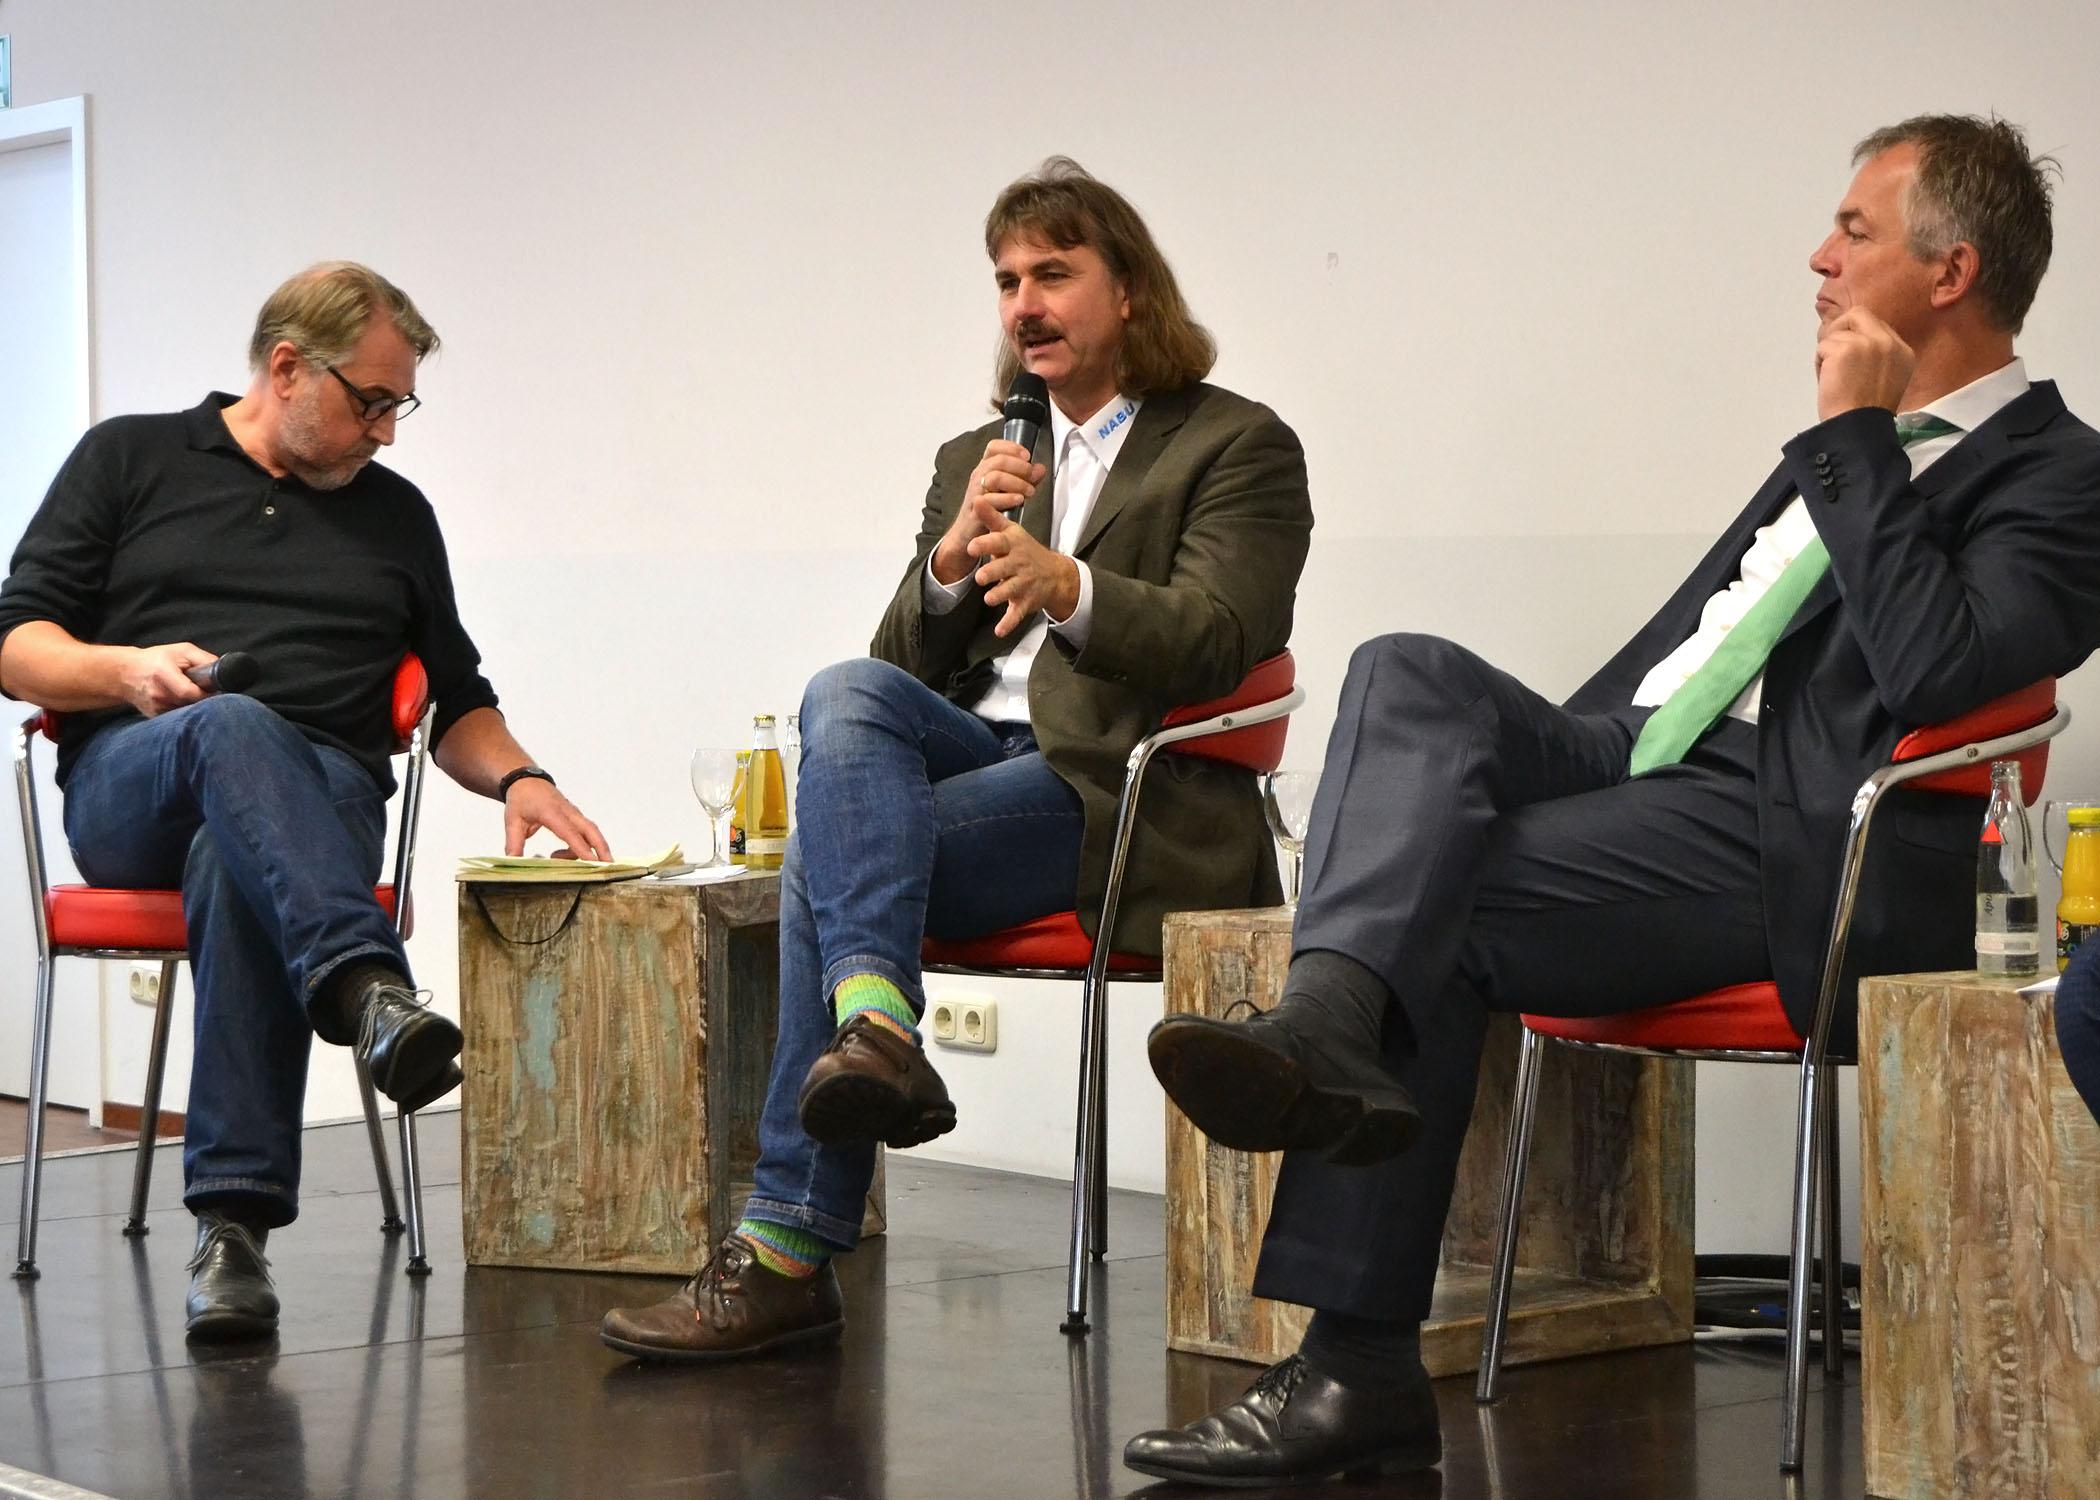 Josef Tumbrinck (Mitte) ist Landesvorsitzender des NABU NRW. Er berictete über die Arbeit seiner Pressestelle.